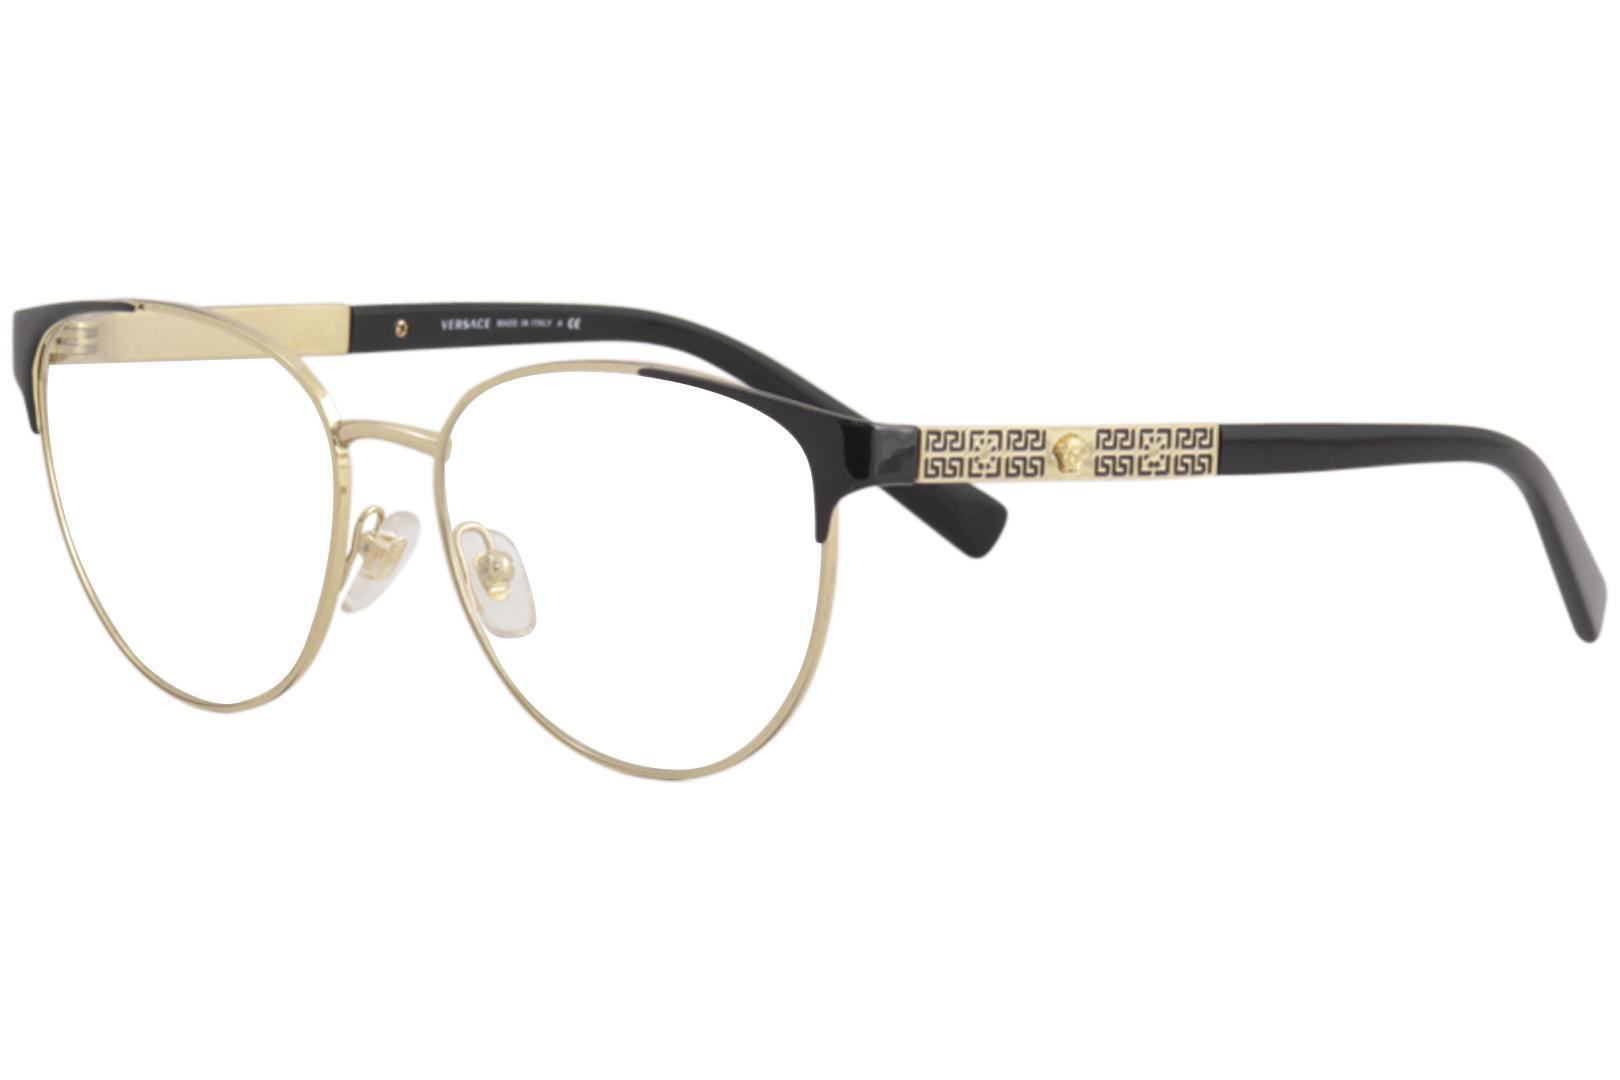 f8c397eaf909 Versace Women s Eyeglasses VE1238 VE1238 Full Rim Oval Optical Frame